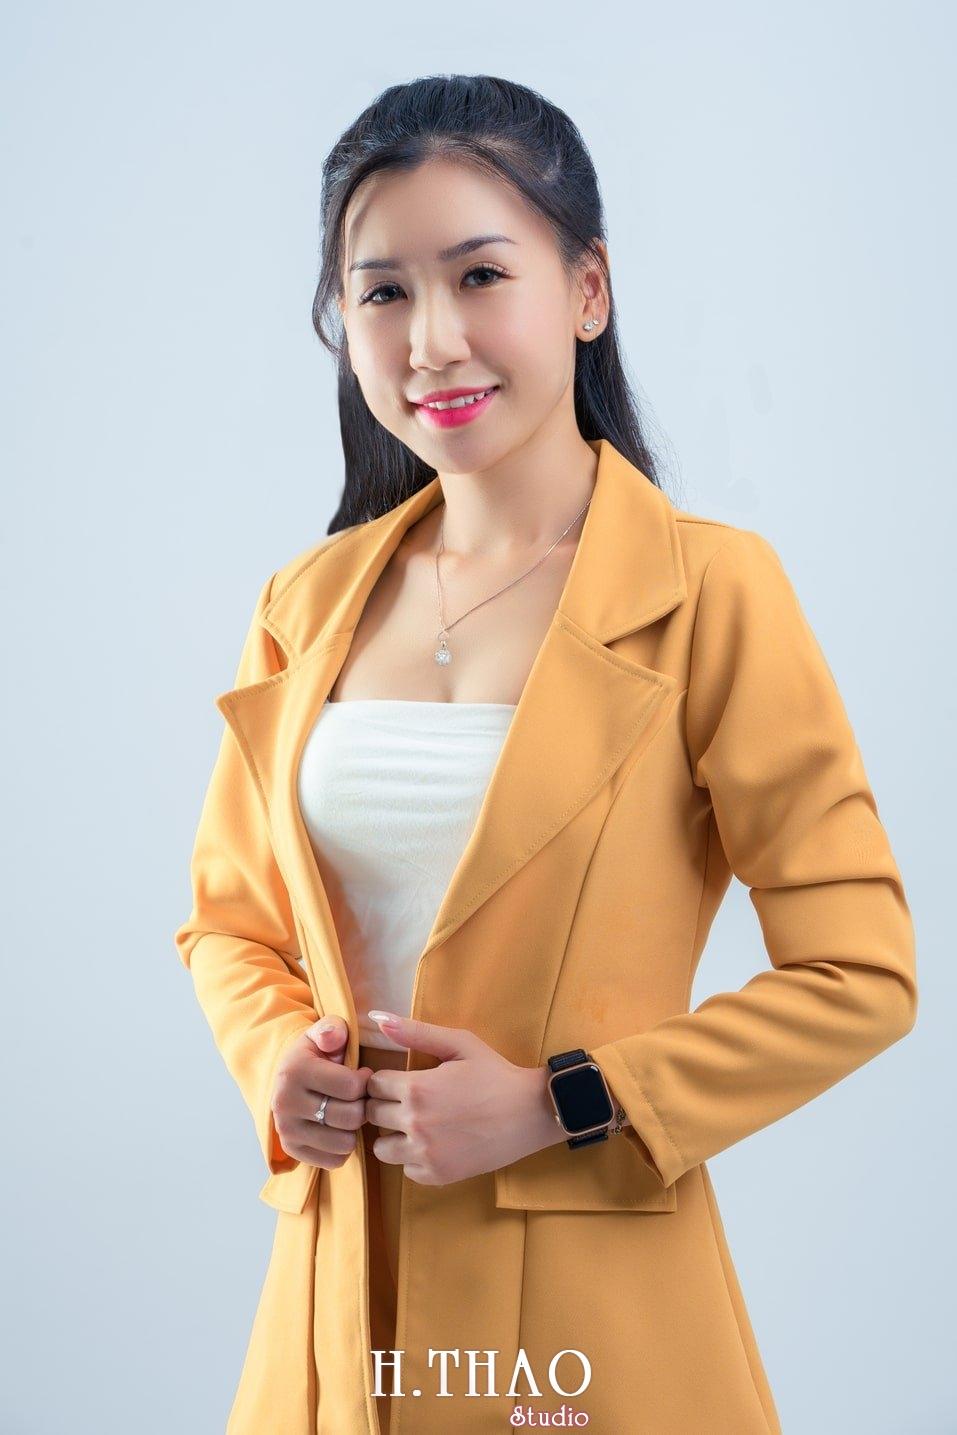 Anh Doanh Nhan 28 - Studio chụp ảnh thương hiệu cá nhân đẹp, chuyên nghiệp tại Tp.HCM